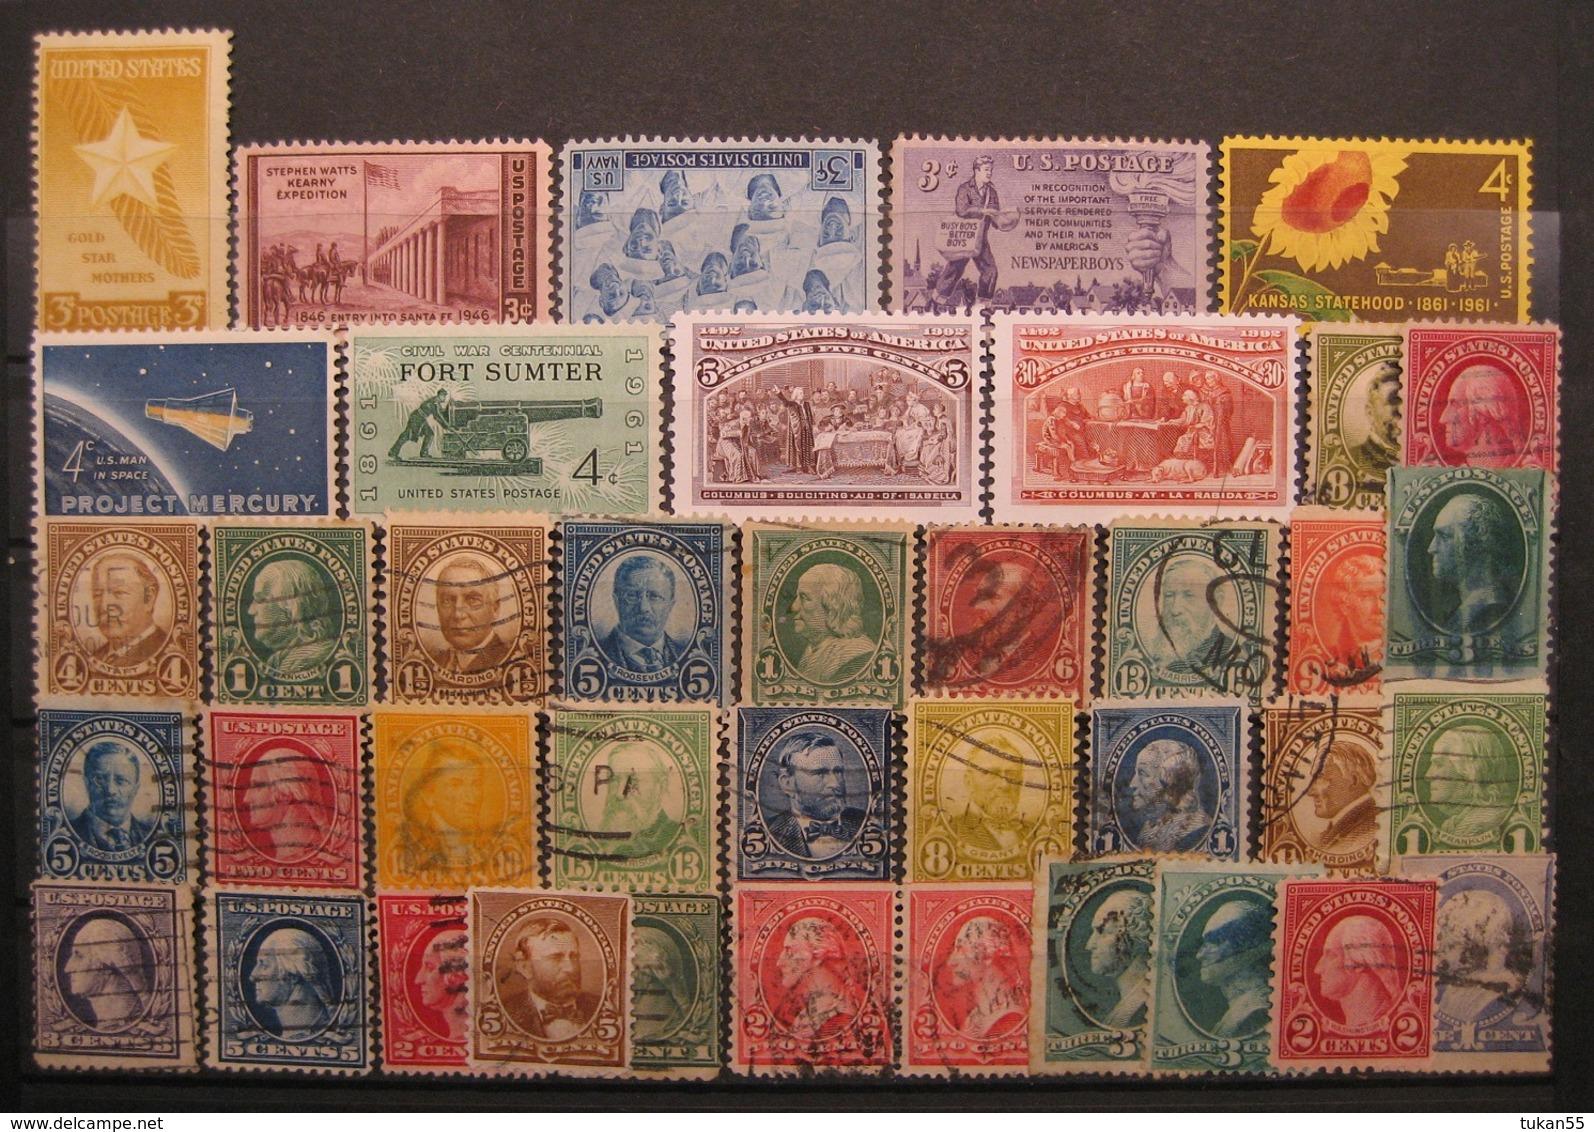 USA Markenlot 1922 - 1992 Postfrisch & Gestempelt    (I166) - Vereinigte Staaten